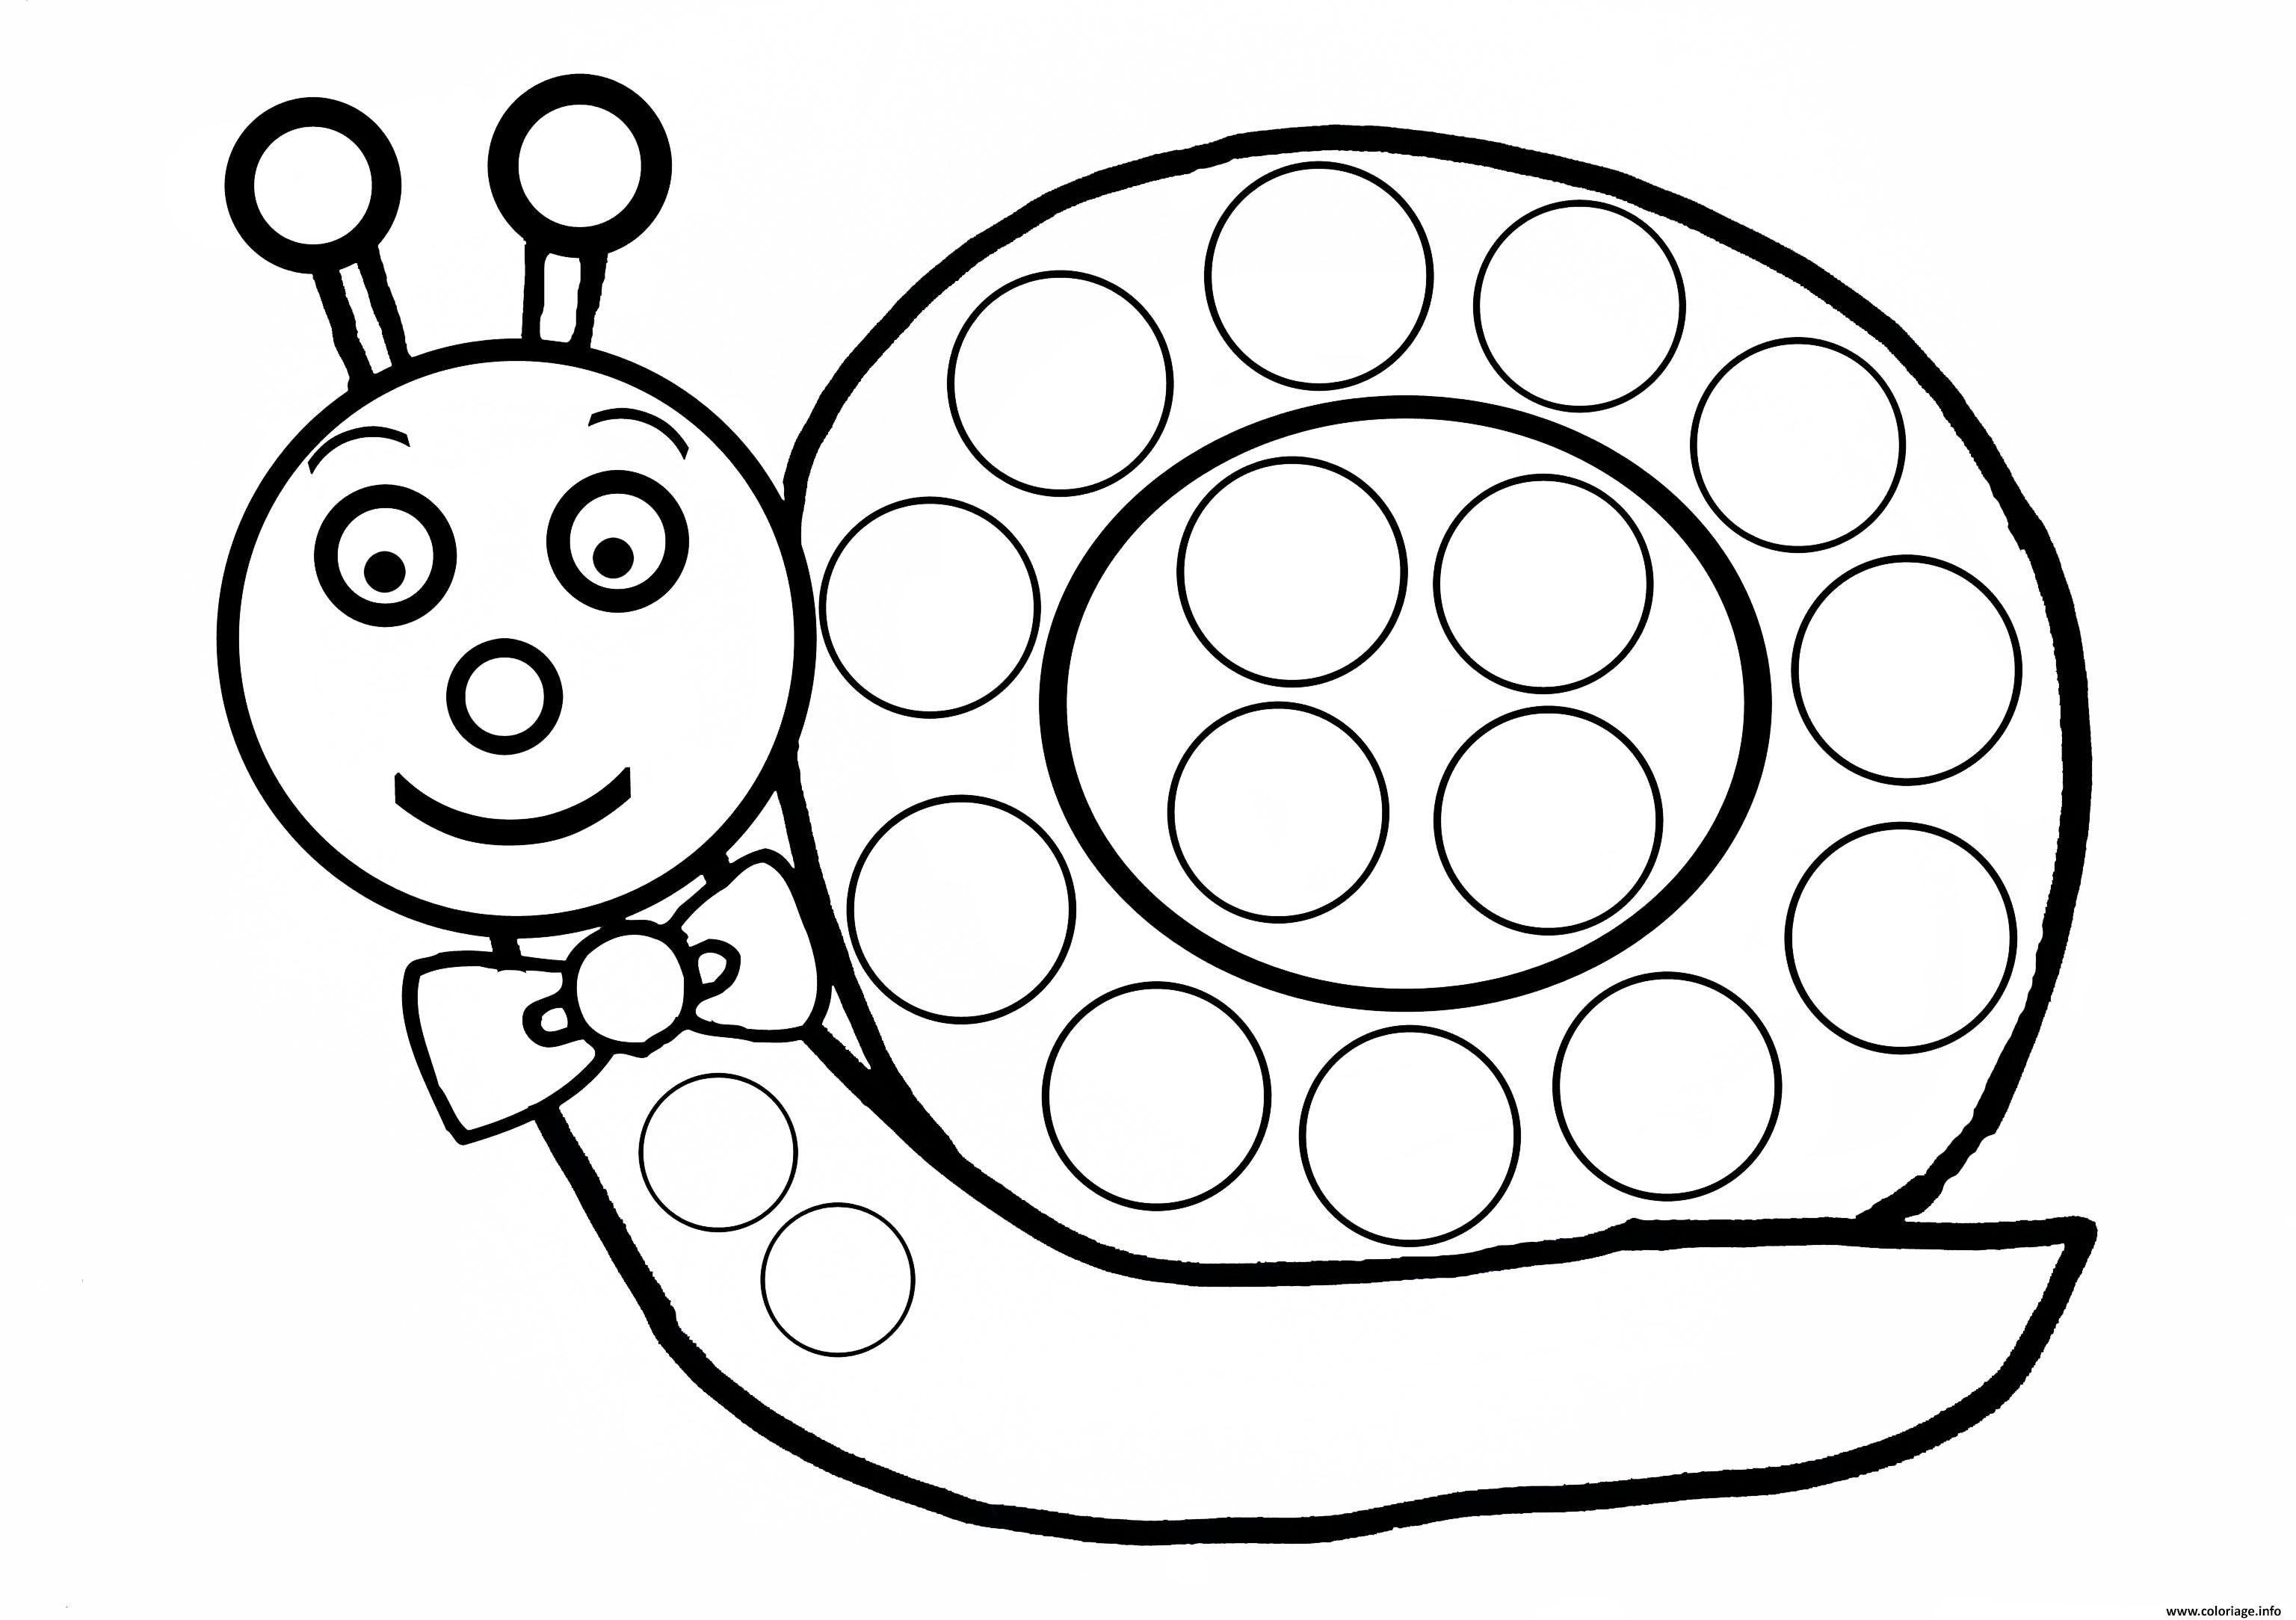 Coloriage Escargot A Gommette Enfant Dessin Coloriage Escargot Escargot Dessin Gommette